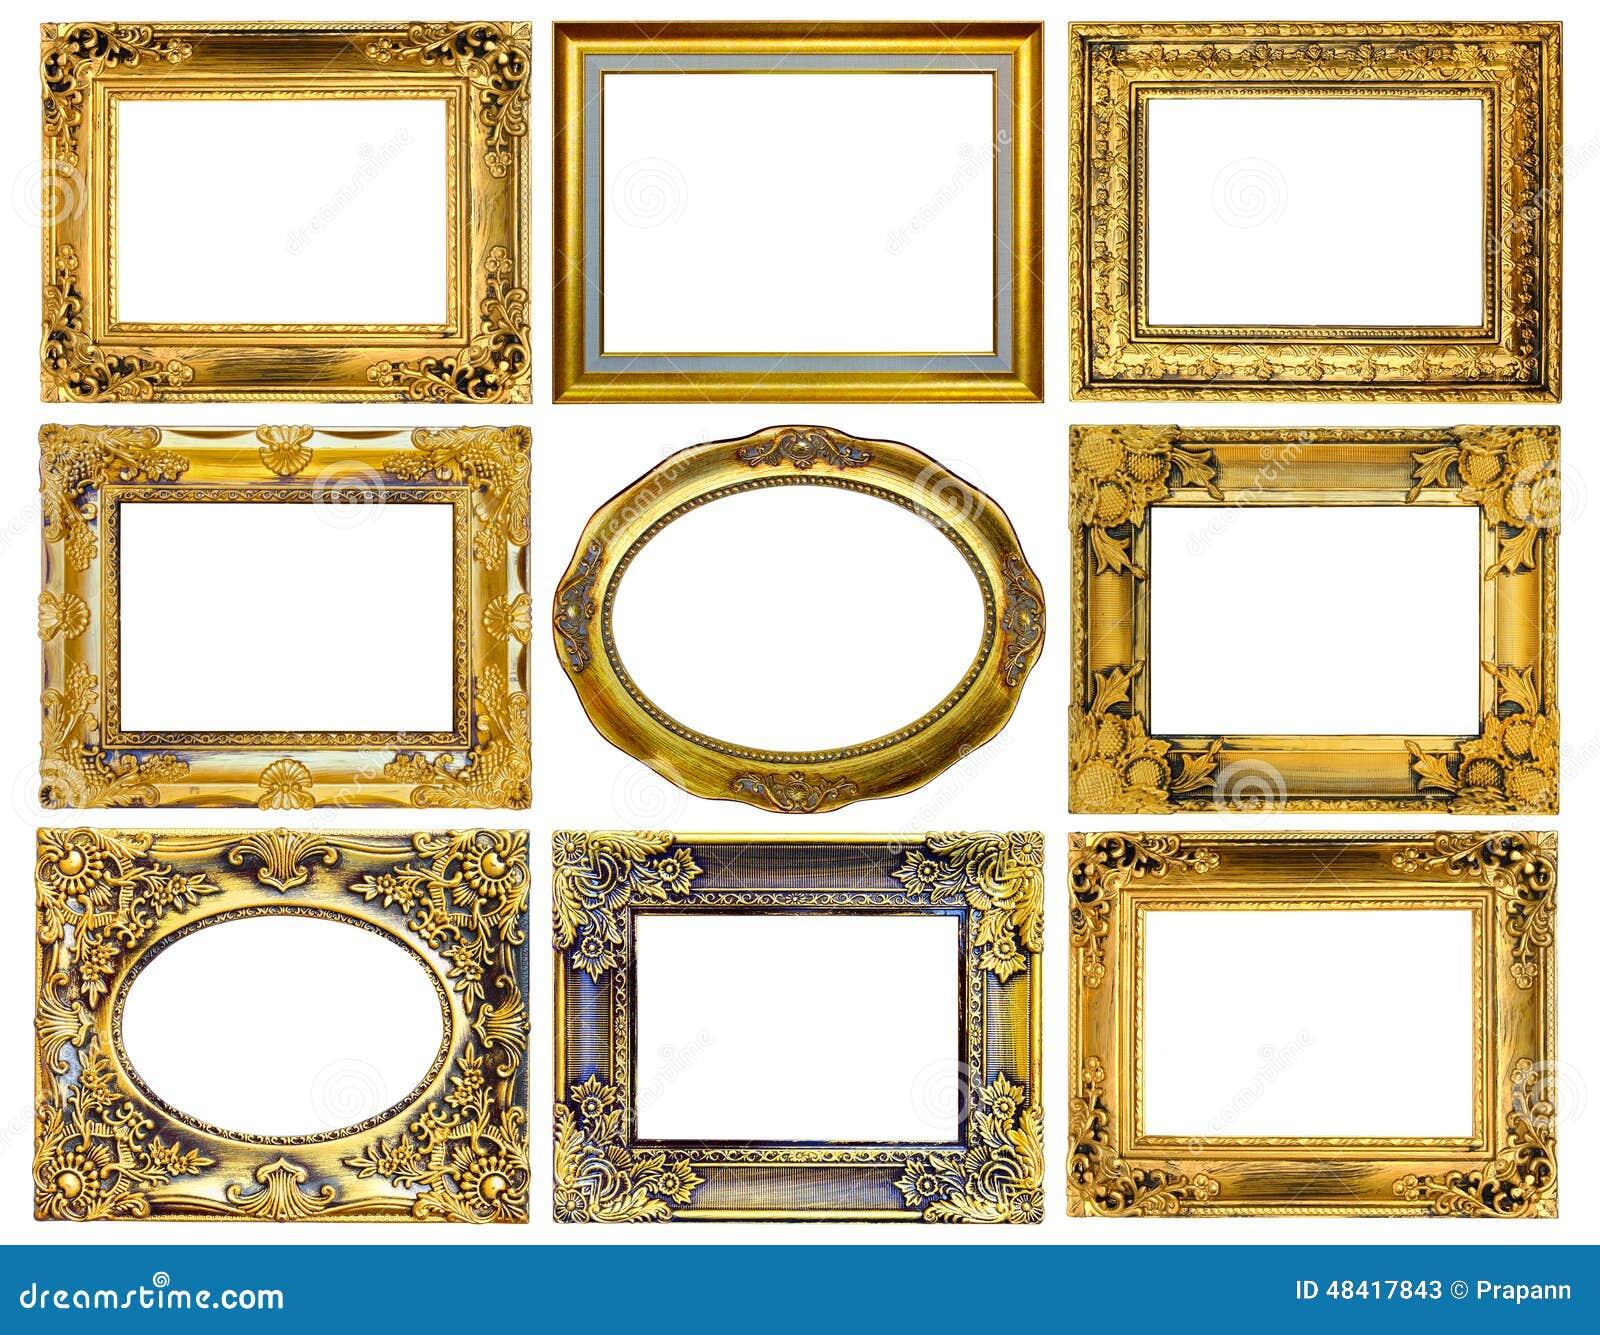 El Marco Antiguo Del Oro En El Fondo Blanco Imagen de archivo ...